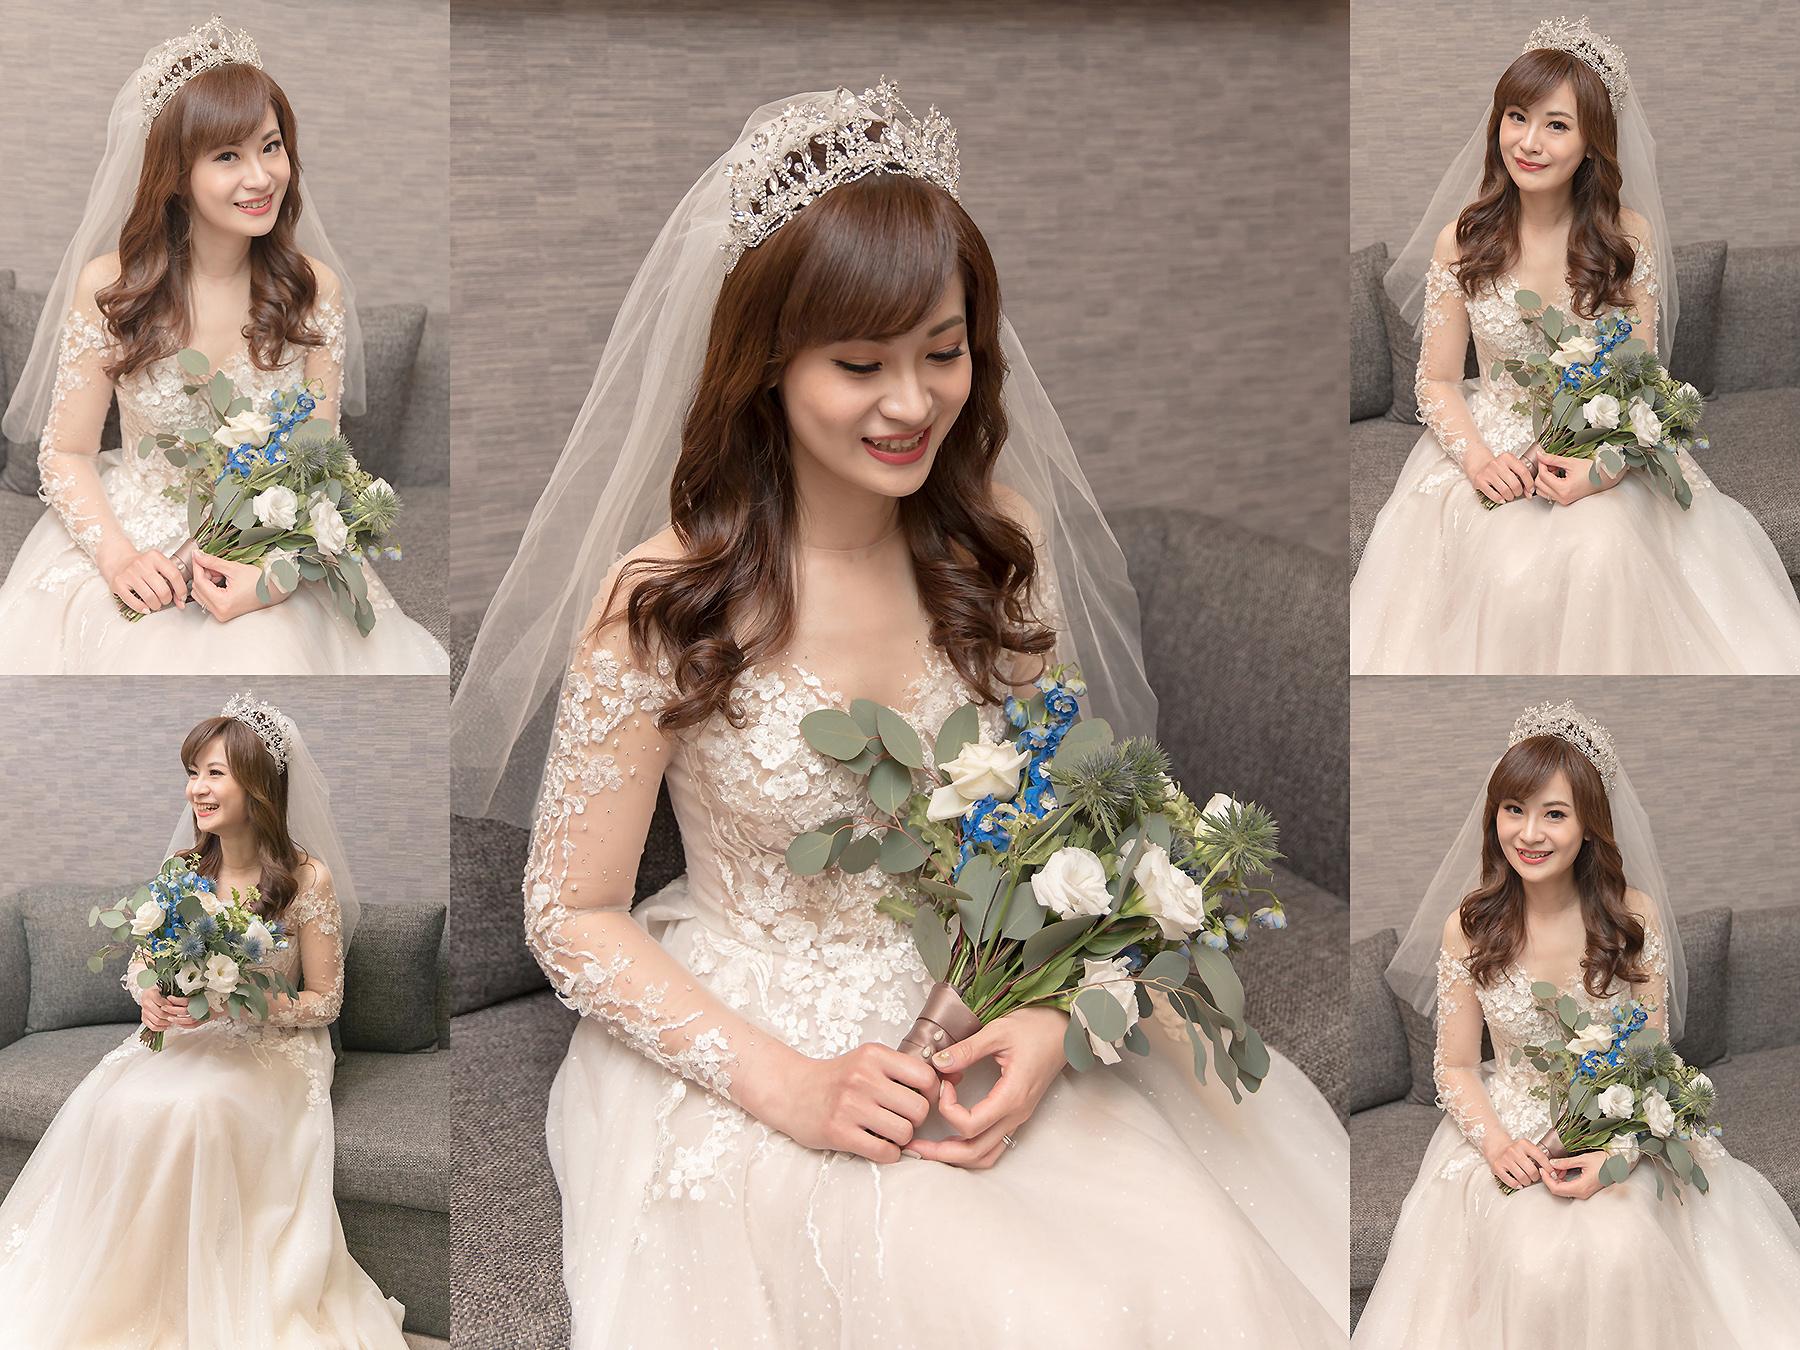 新秘Yuki, 新娘秘書, 新秘, 新娘造型, 白紗造型, 新秘推薦,Honeysuckle Atelier ,新娘妝容, 台北新秘, 華麗風造型, 寒舍艾麗婚宴